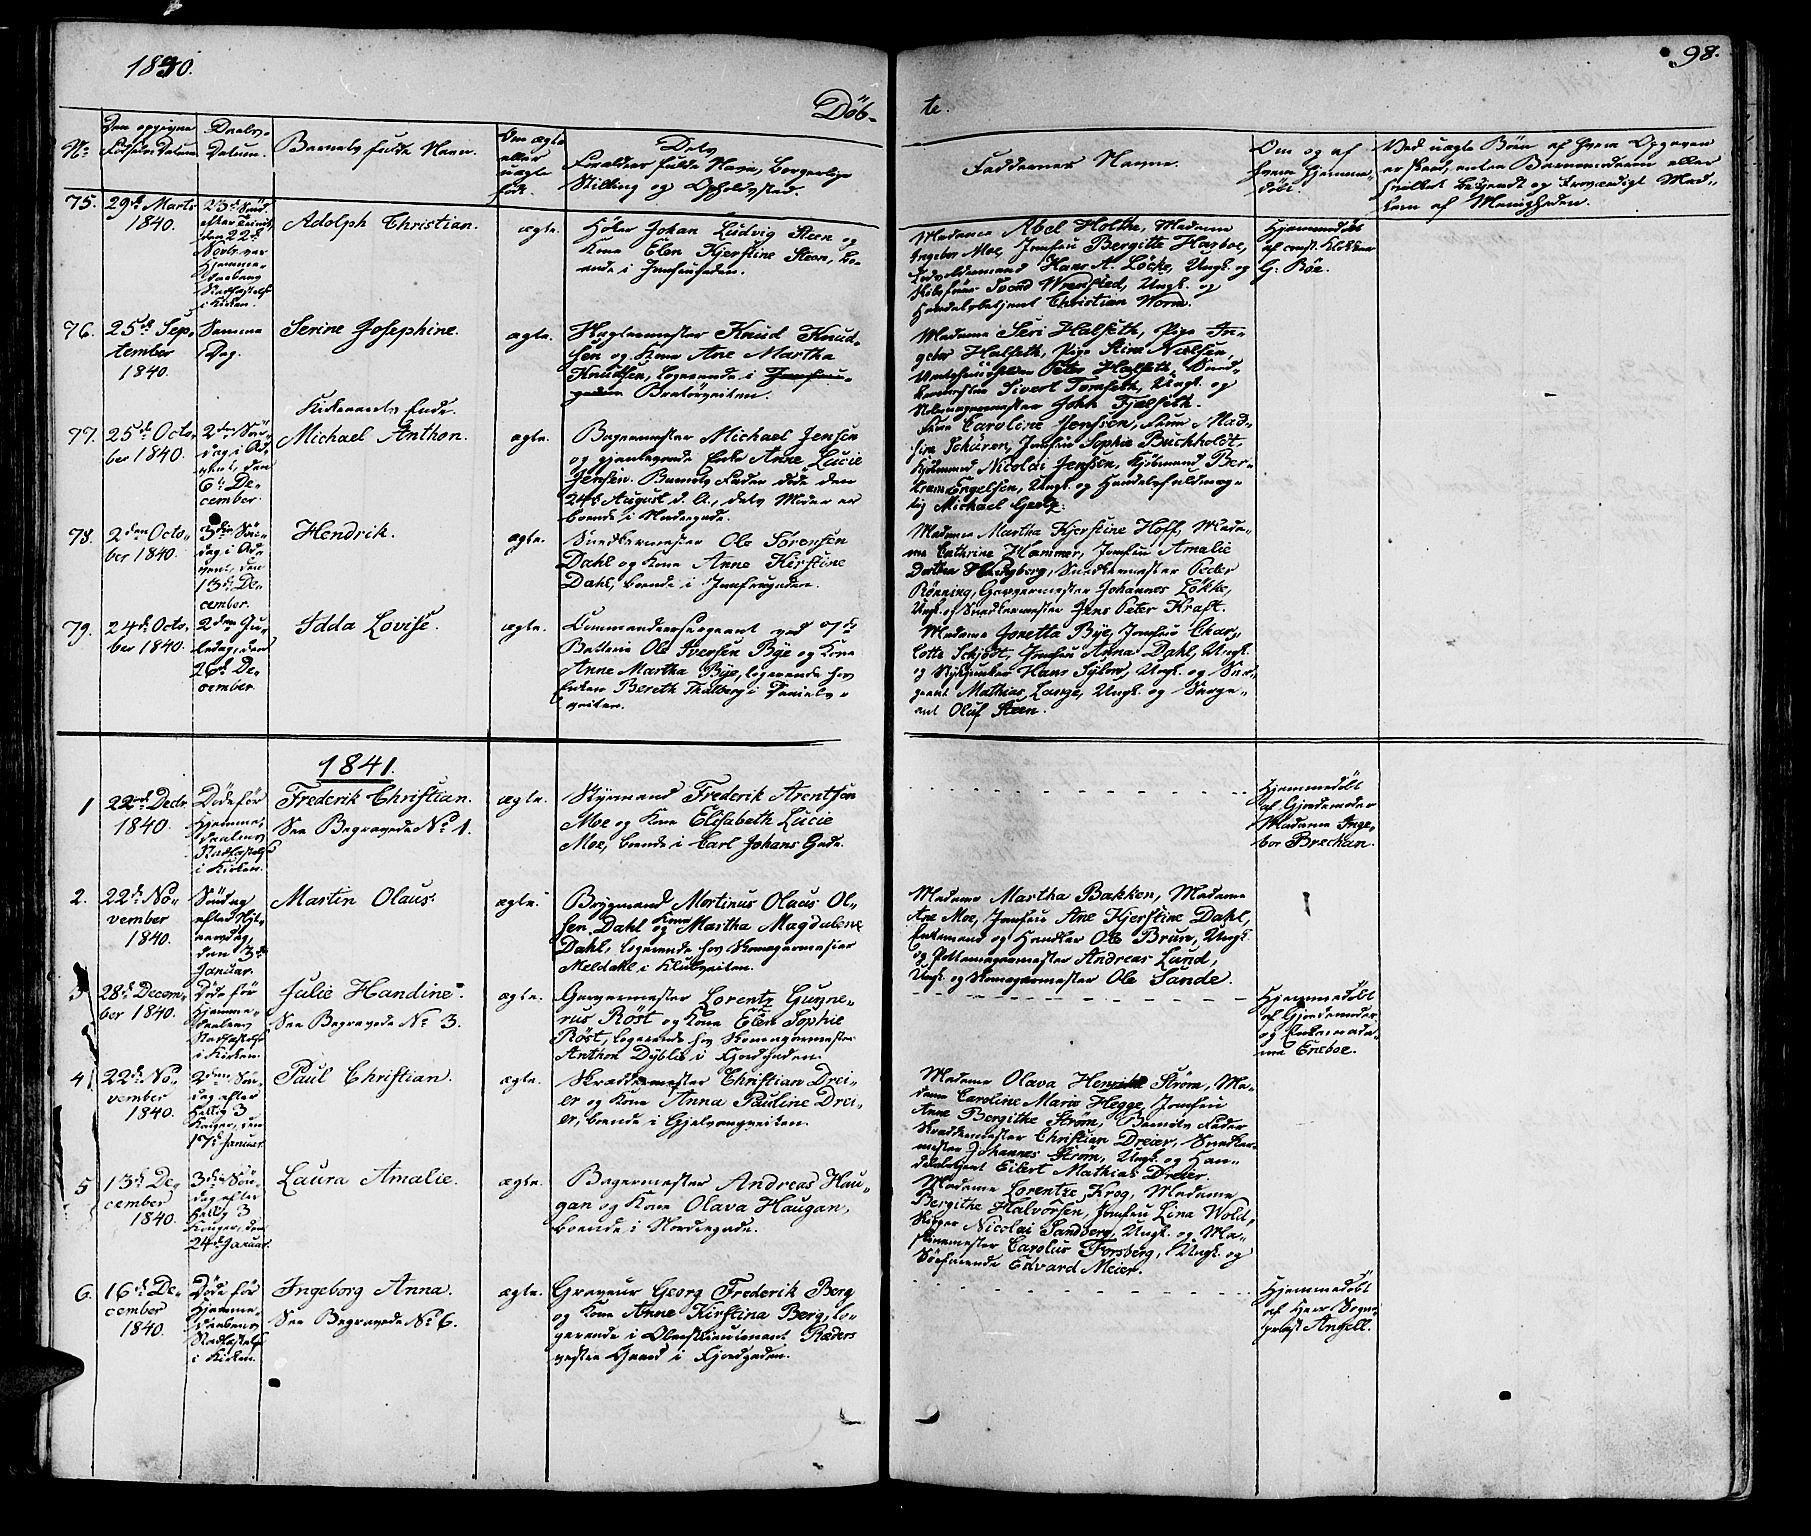 SAT, Ministerialprotokoller, klokkerbøker og fødselsregistre - Sør-Trøndelag, 602/L0136: Klokkerbok nr. 602C04, 1833-1845, s. 98